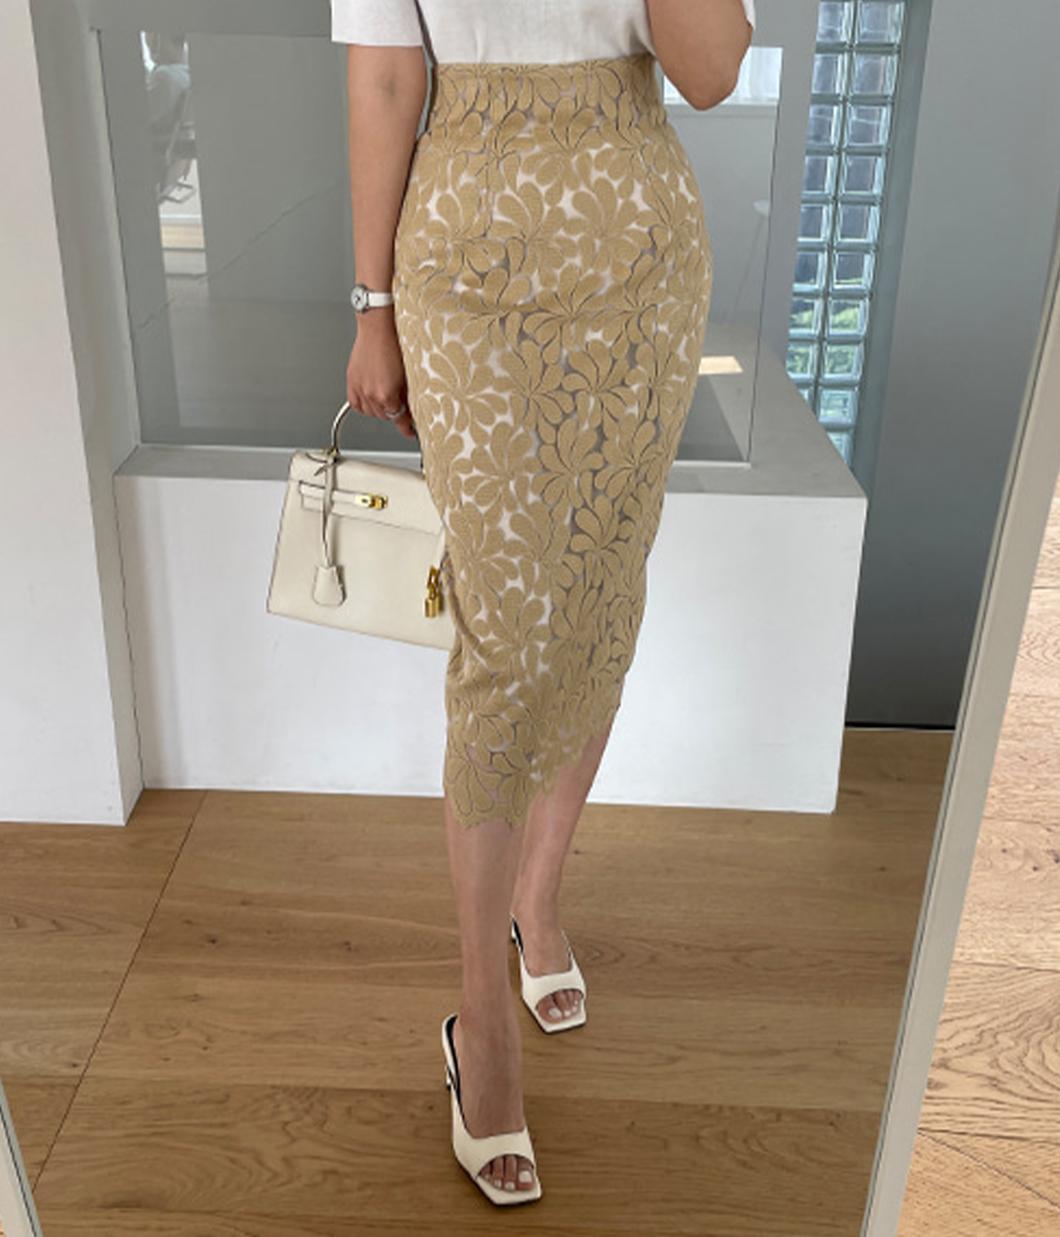 24.溫柔花樣蕾絲窄裙